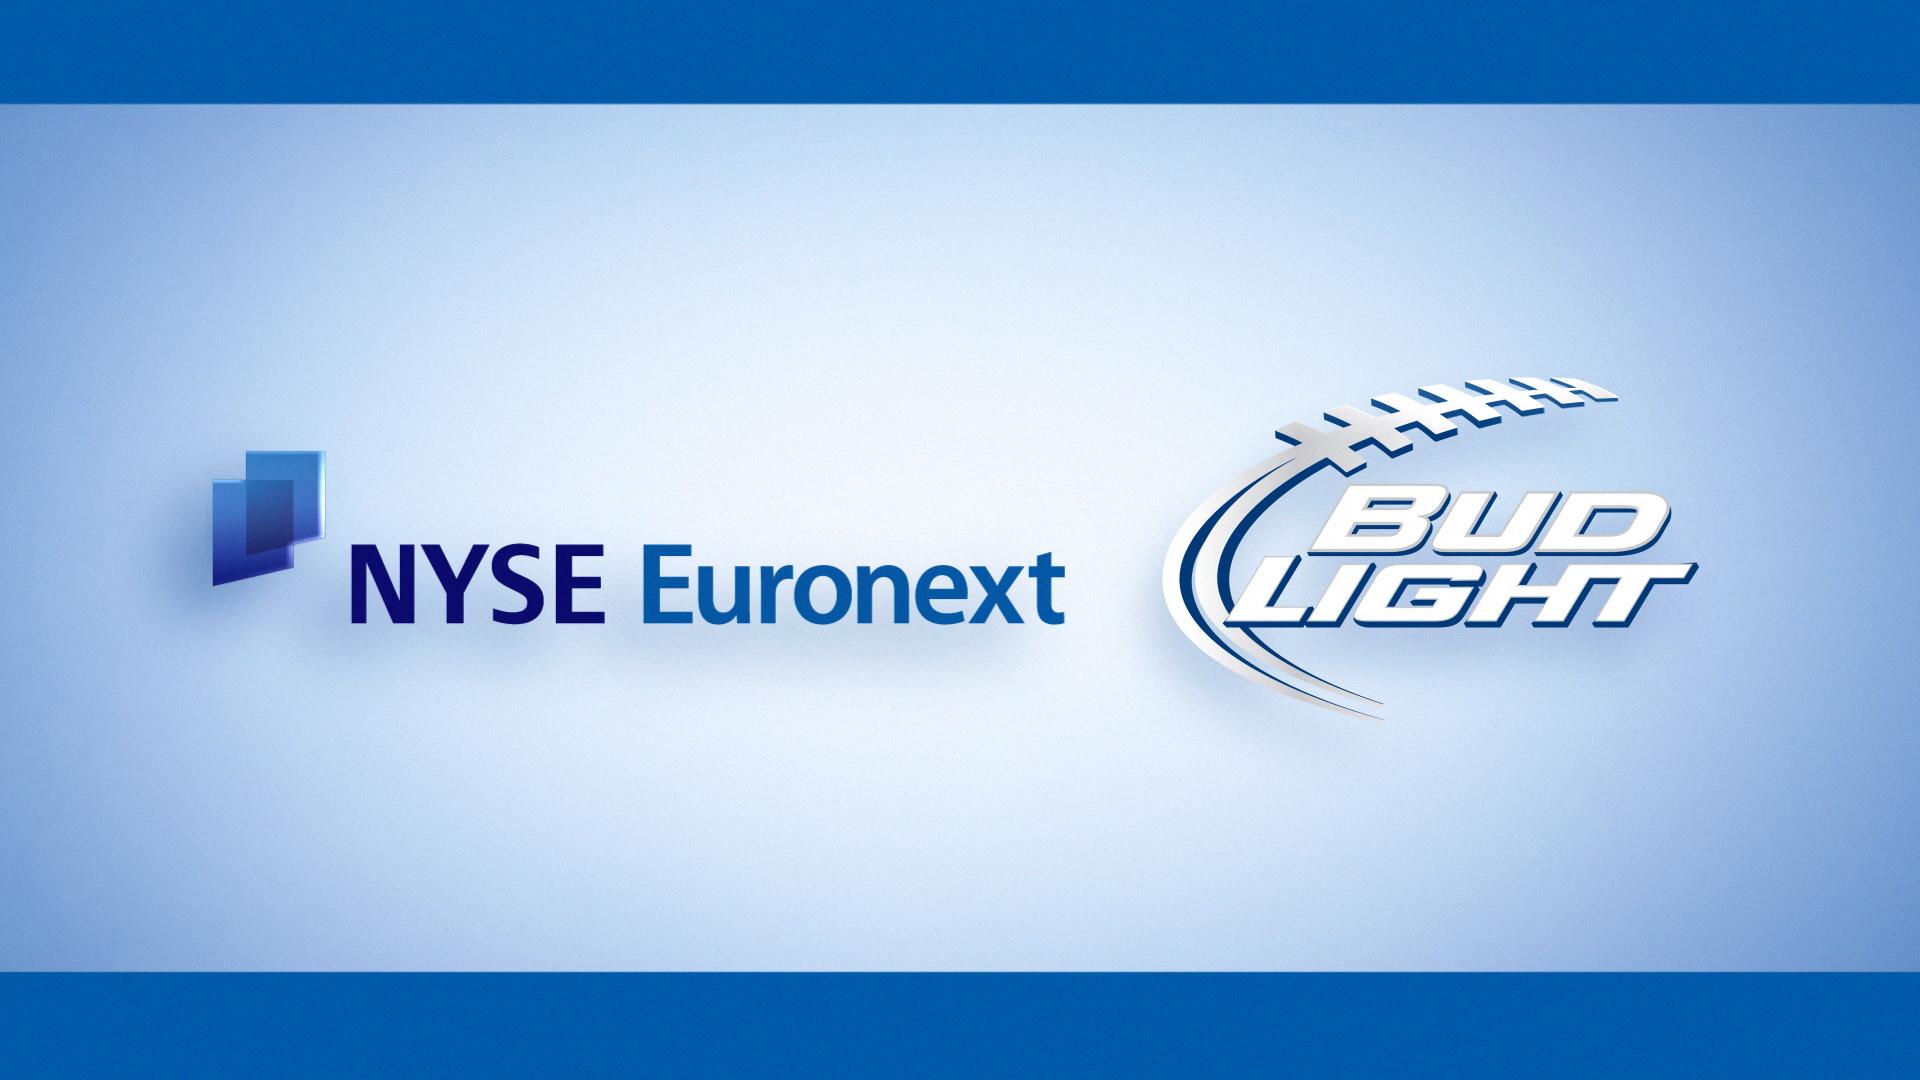 logo nyse euronext